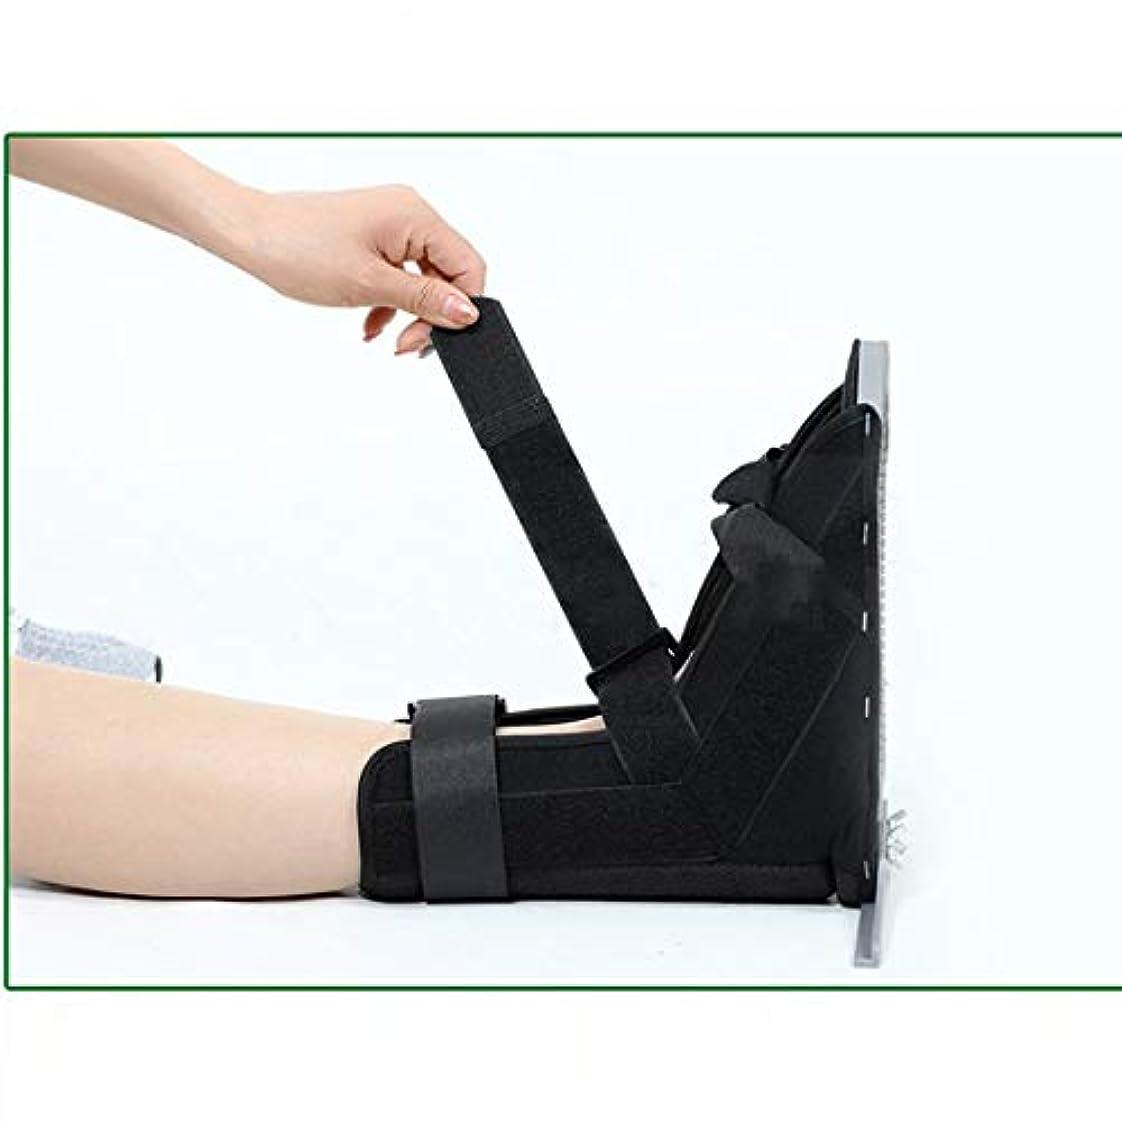 エネルギー泣き叫ぶダブル医療足骨折石膏の回復靴の手術後のつま先の靴を安定化骨折の靴を調整可能なファスナーで完全なカバー,L